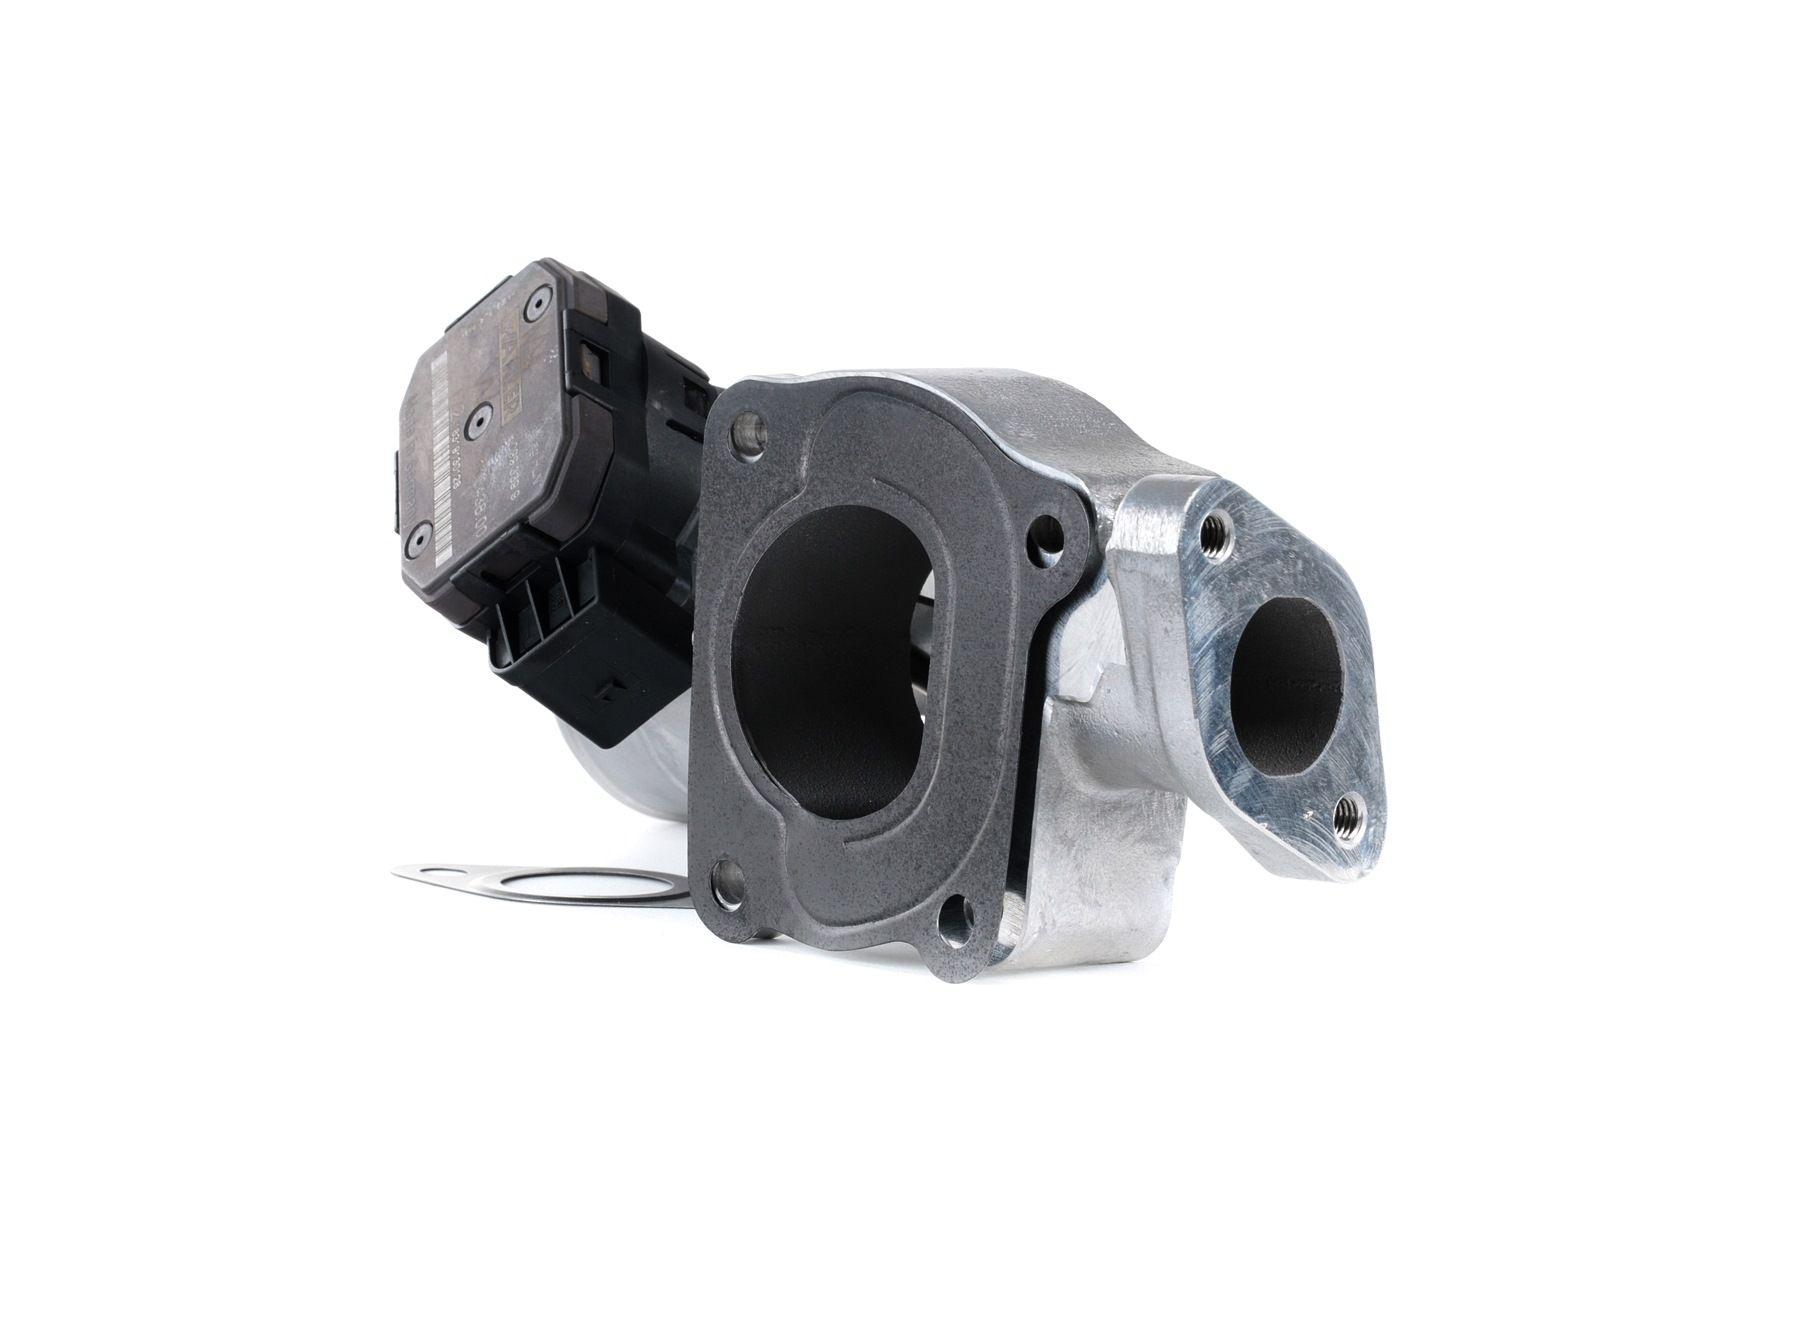 Купете E1098831965G9 WAHLER с уплътнения брой на полюсите: 4-щифтен Корпус на дроселовата клапа 7497D евтино